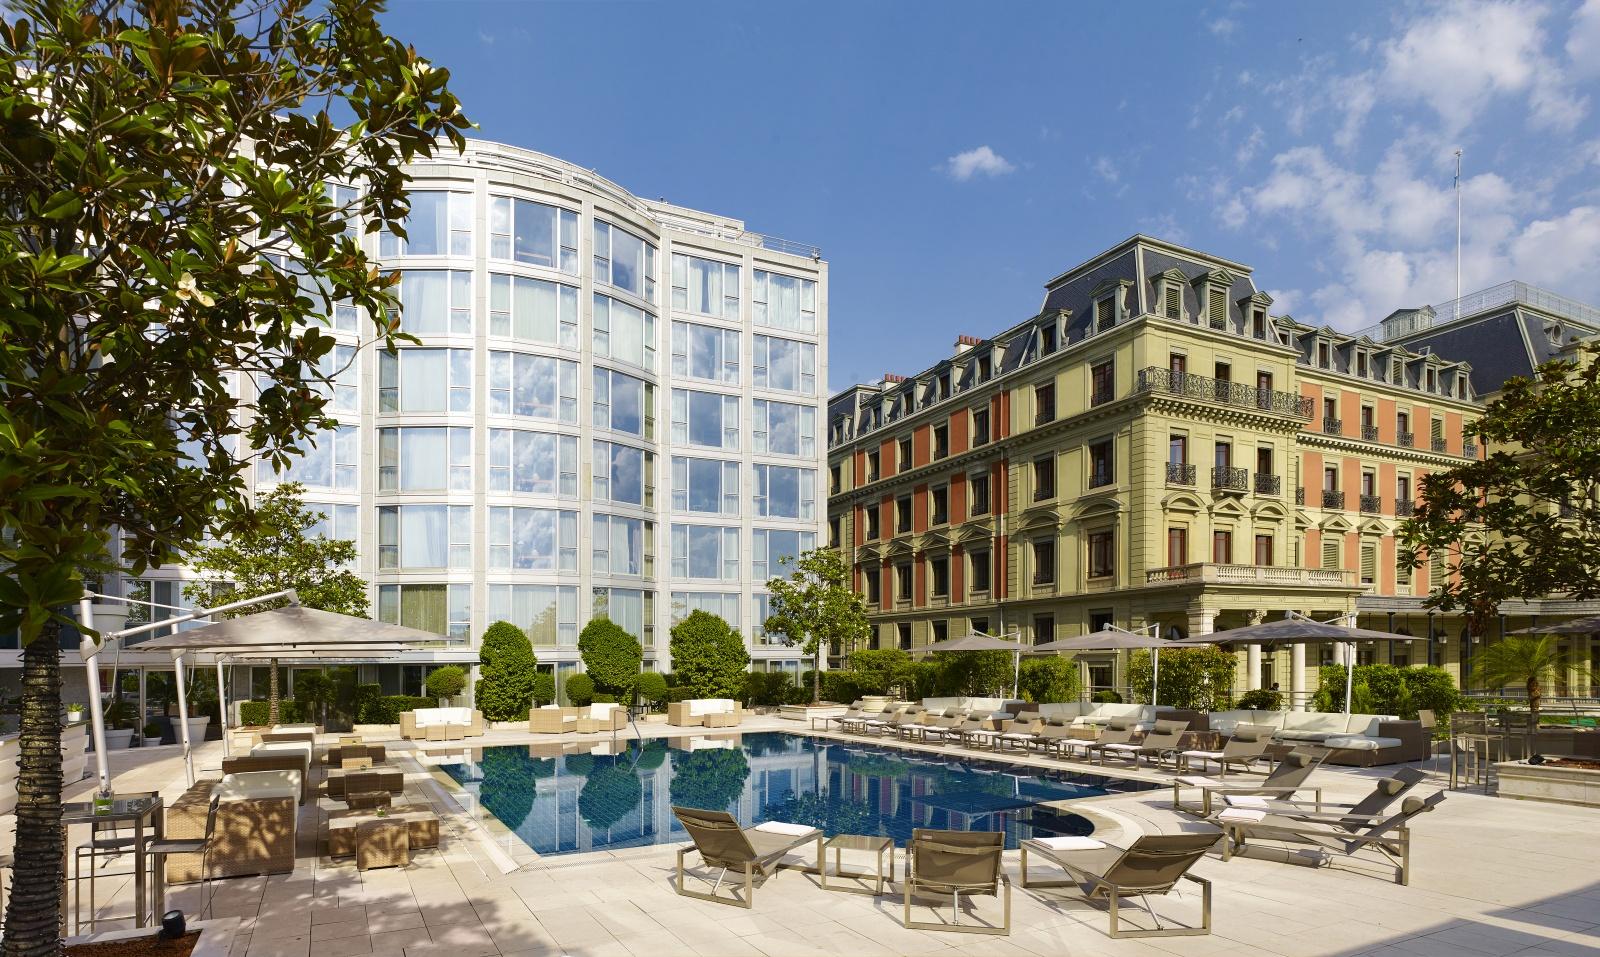 Hotel president wilson geneva splendid views on lake geneva for Design hotel 16 geneva